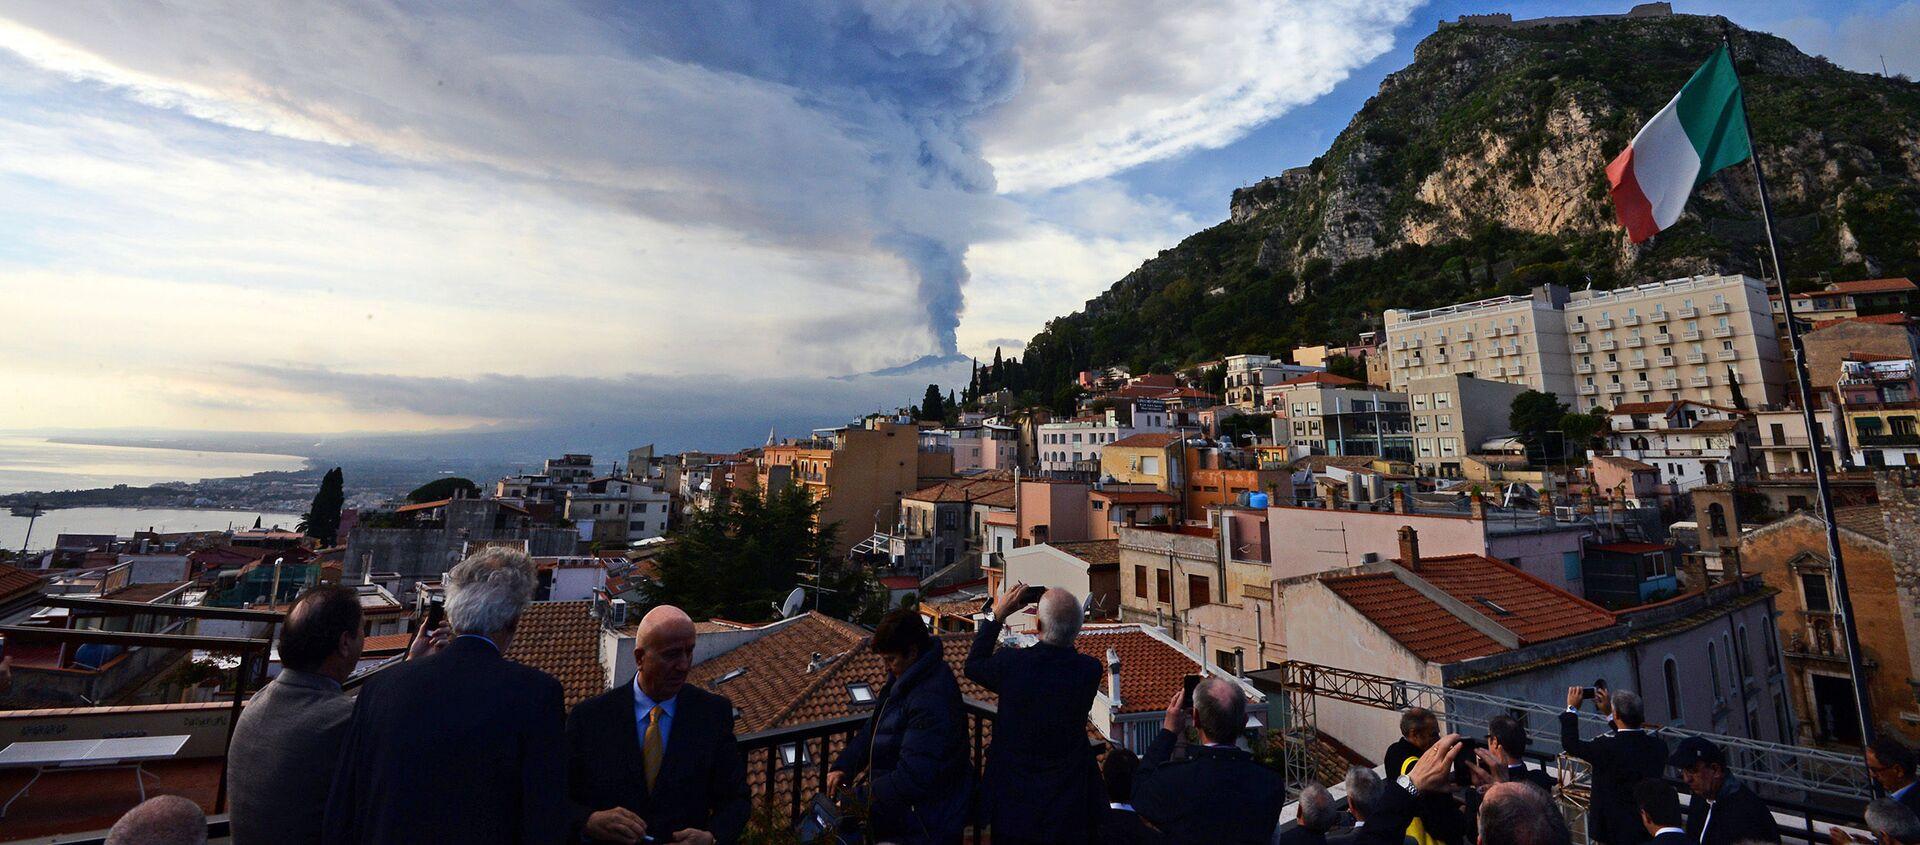 Dym nad miastem Taormina podczas erupcji wulkanu Etna na Sycylii - Sputnik Polska, 1920, 09.07.2020